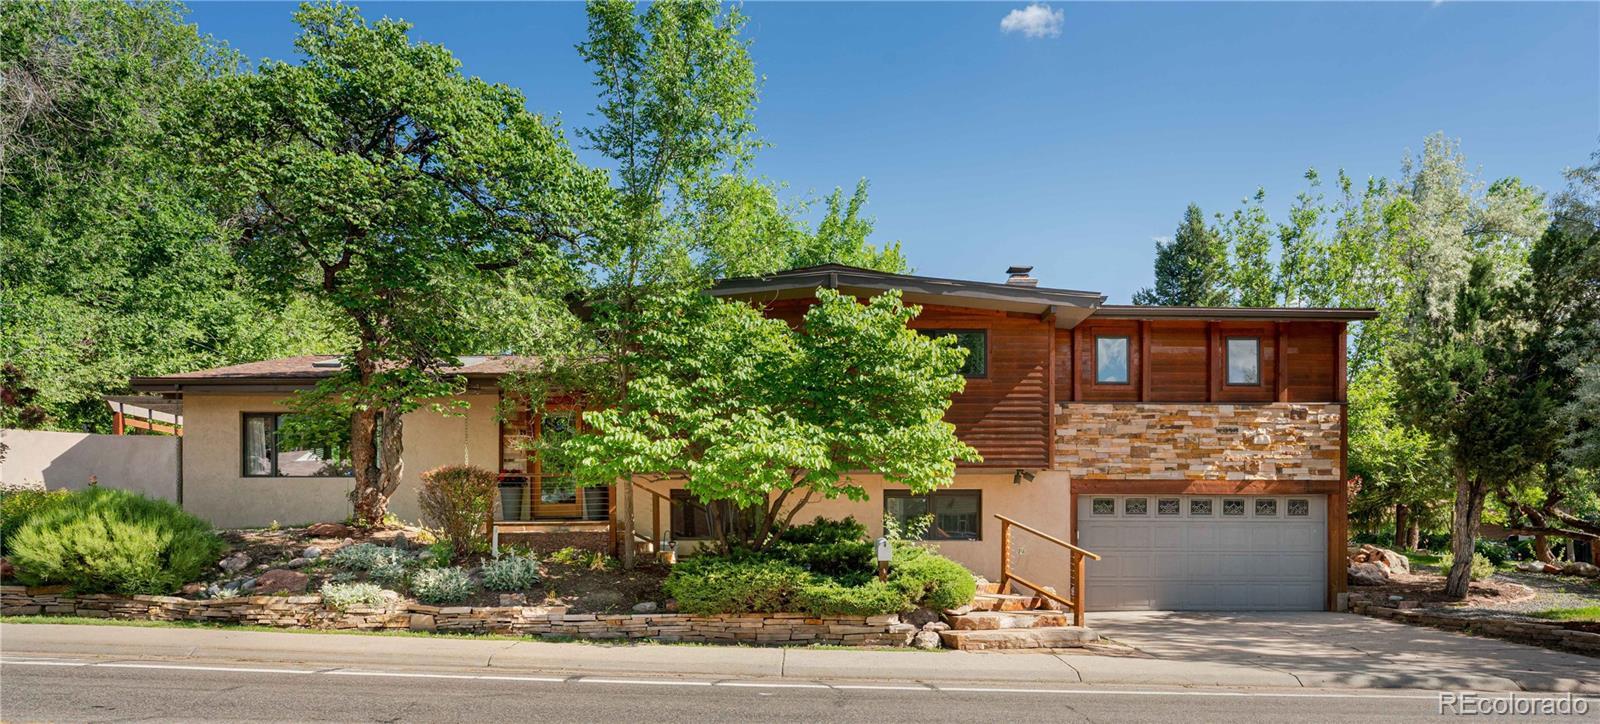 1895 Balsam Avenue Property Photo - Boulder, CO real estate listing